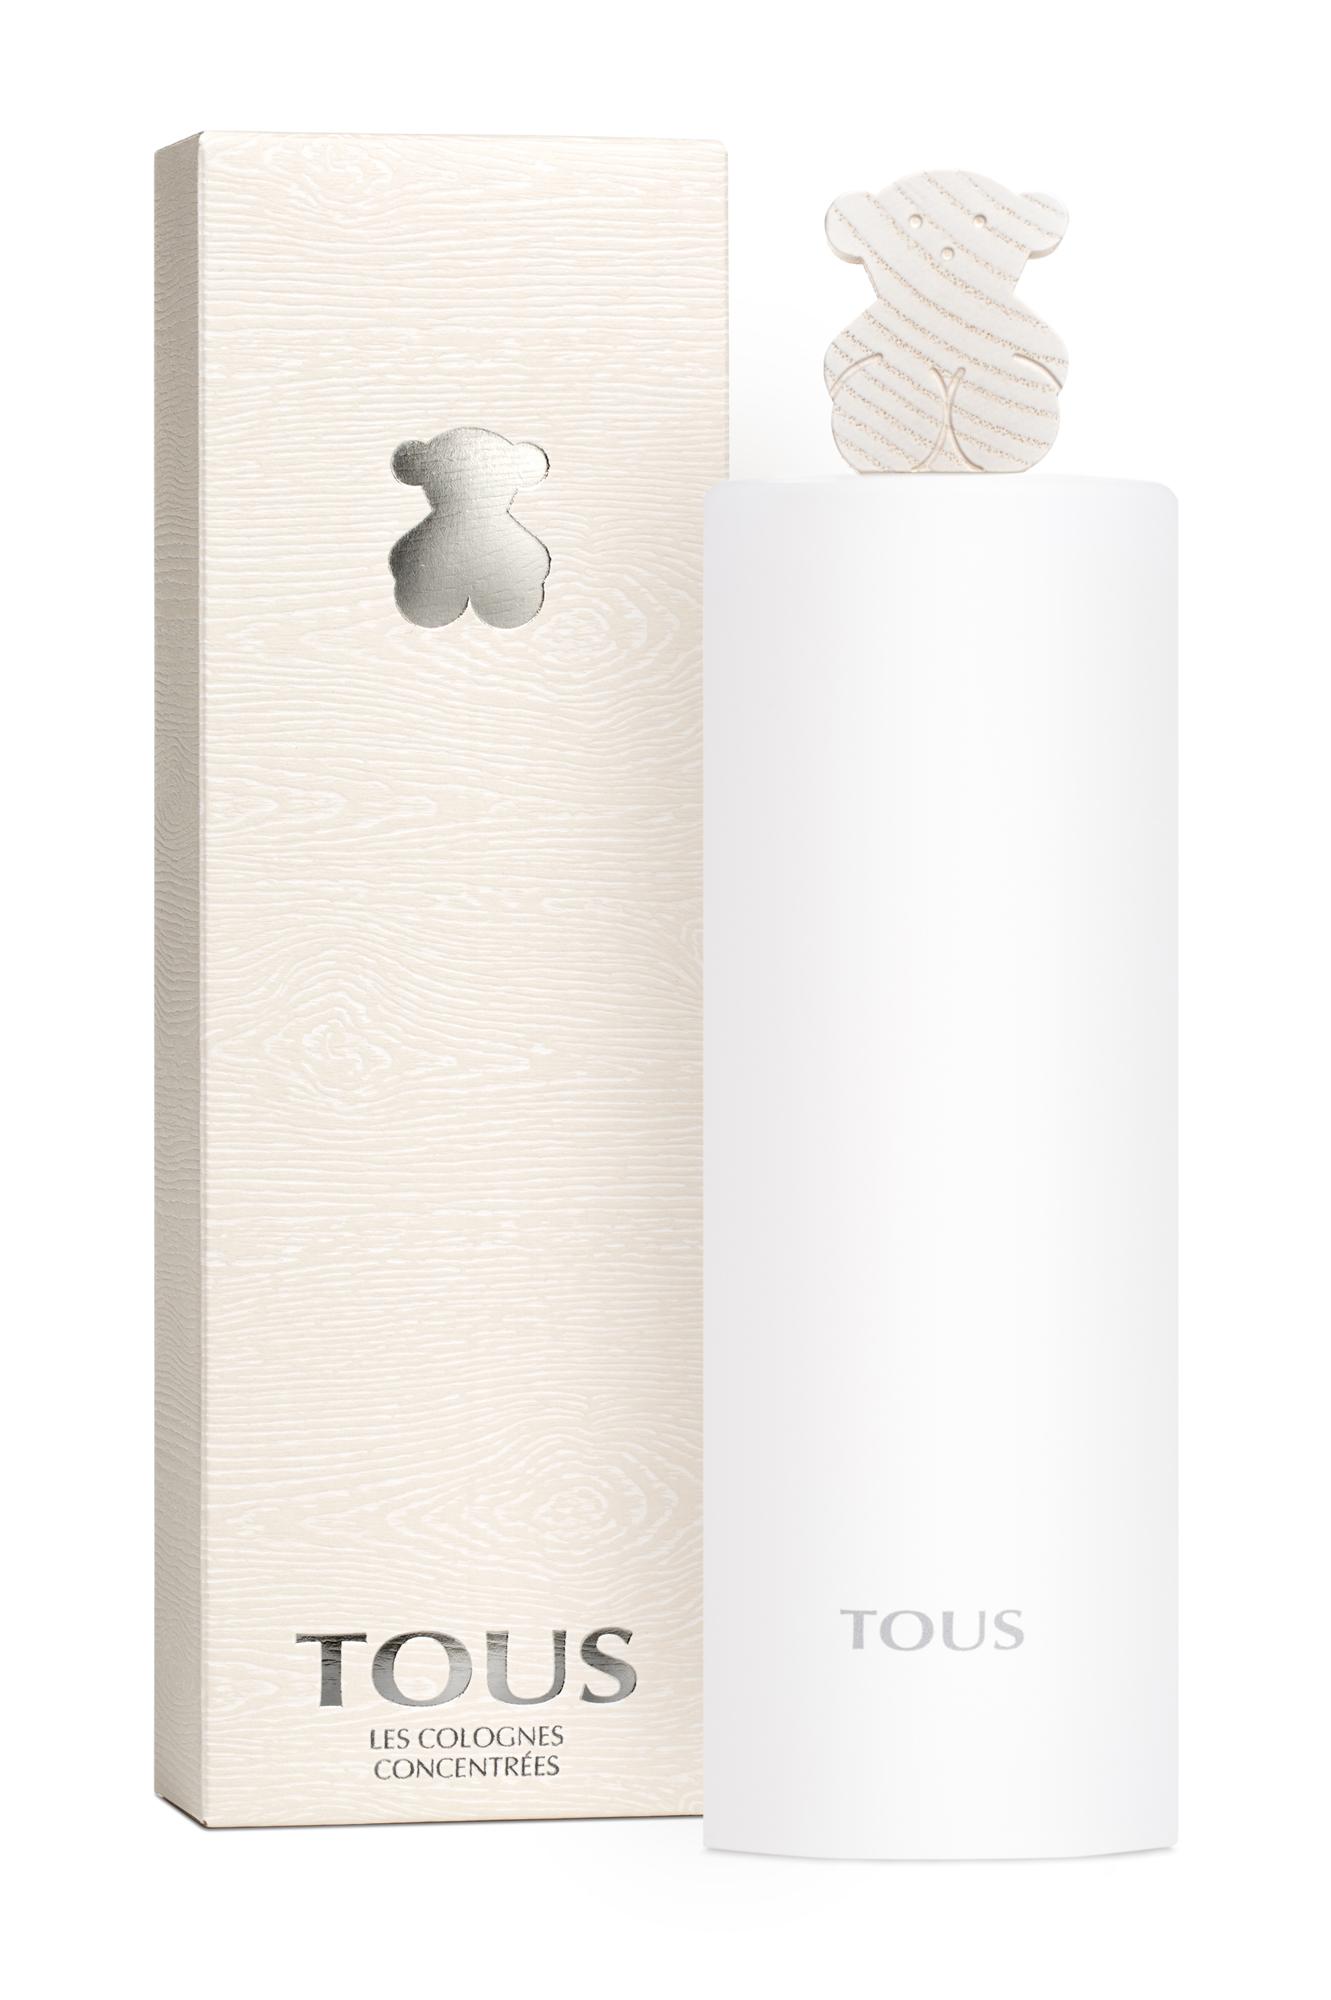 TOUS Les Colognes Concentrées Tous perfume